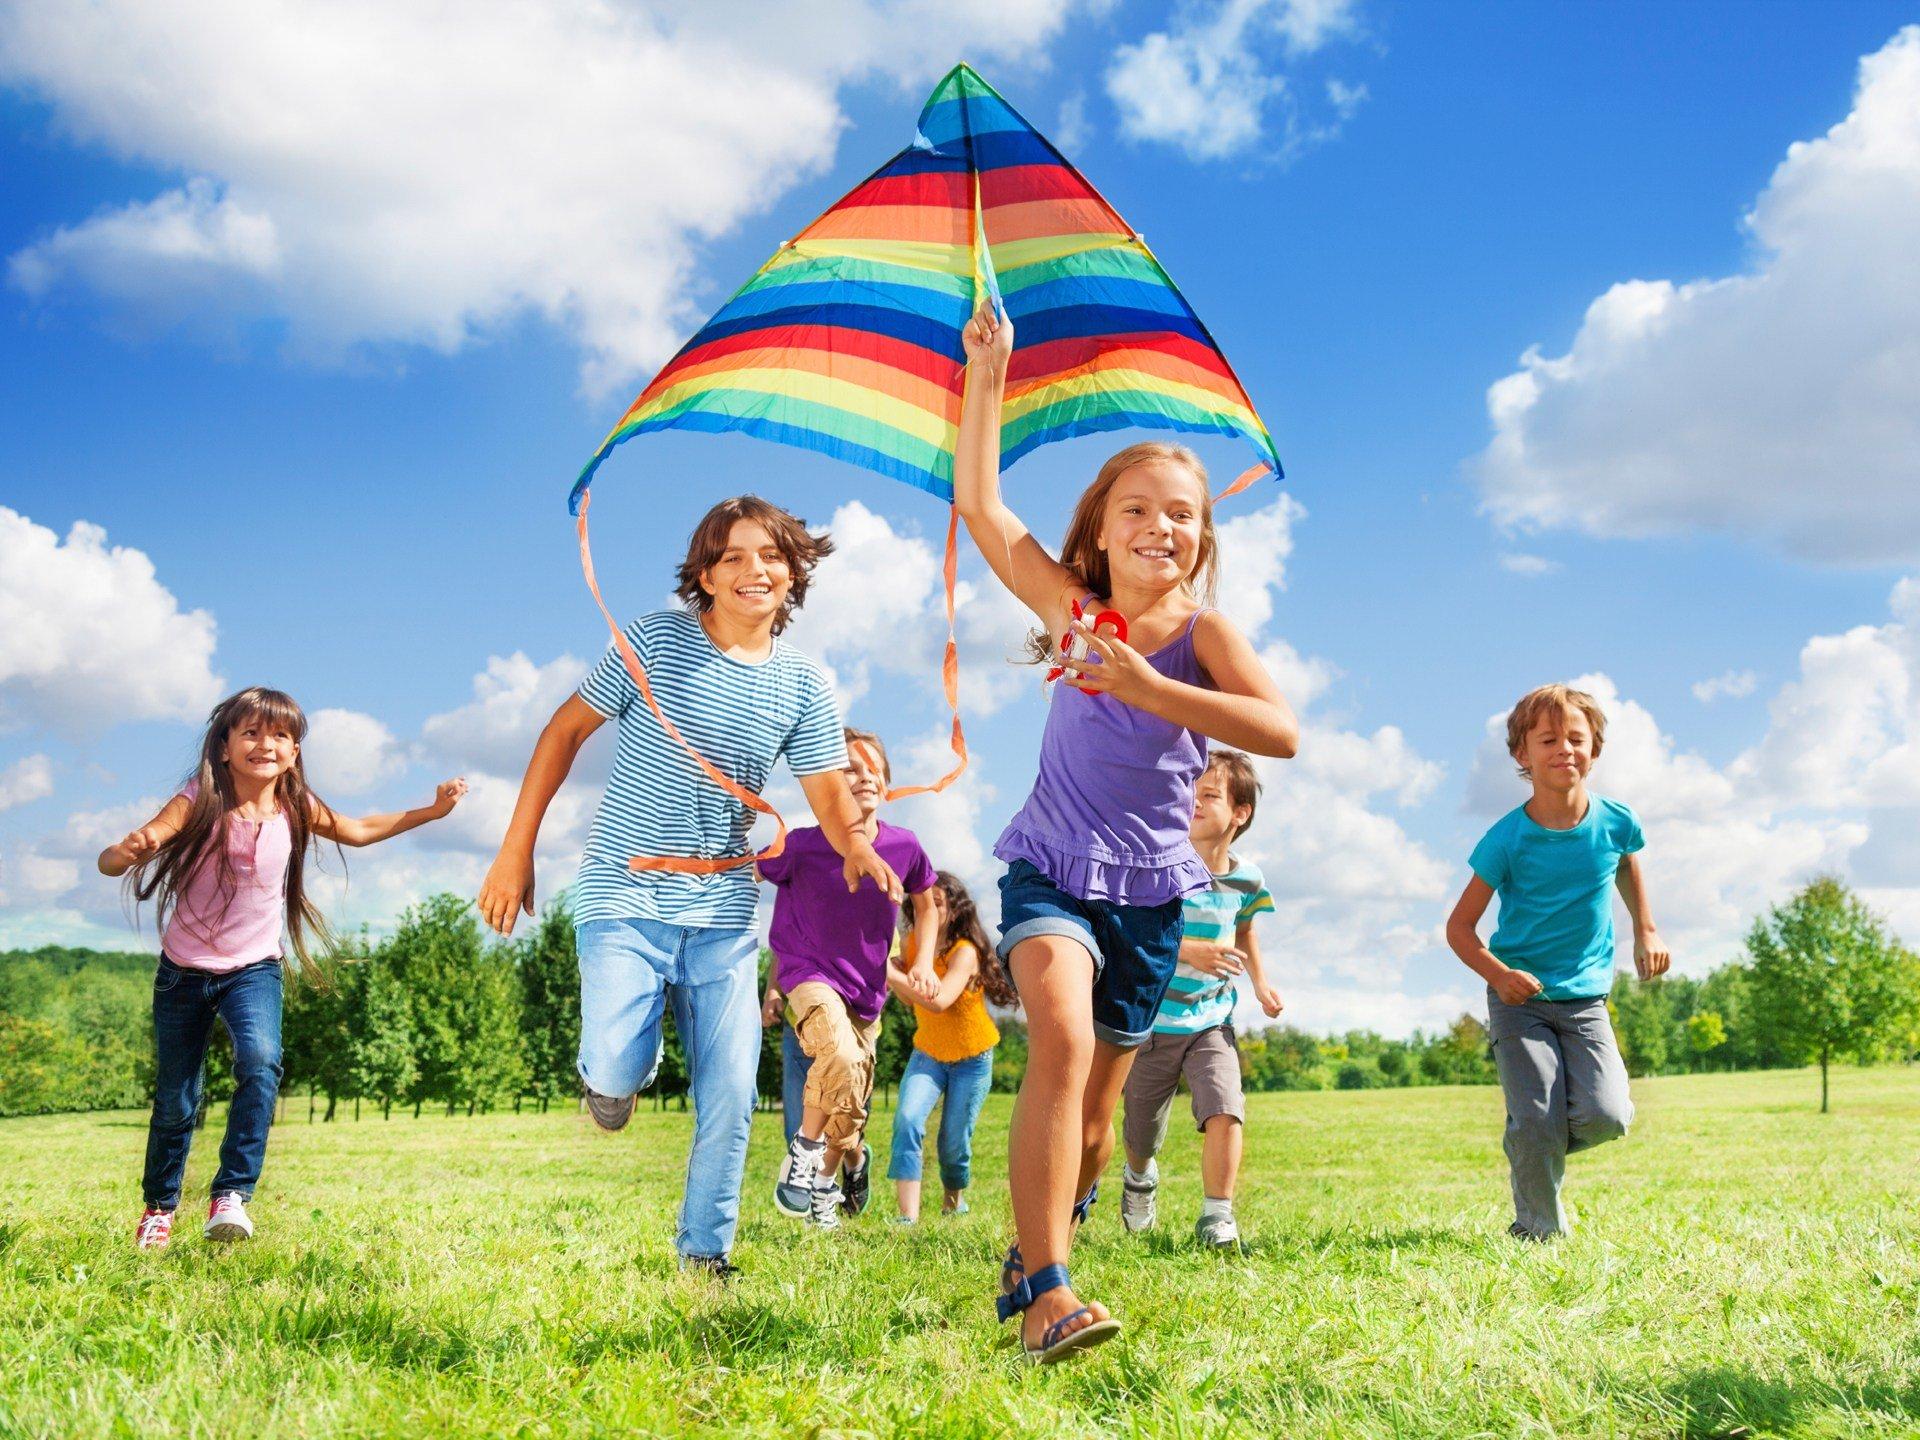 Summer kids Activities, Danville, CA